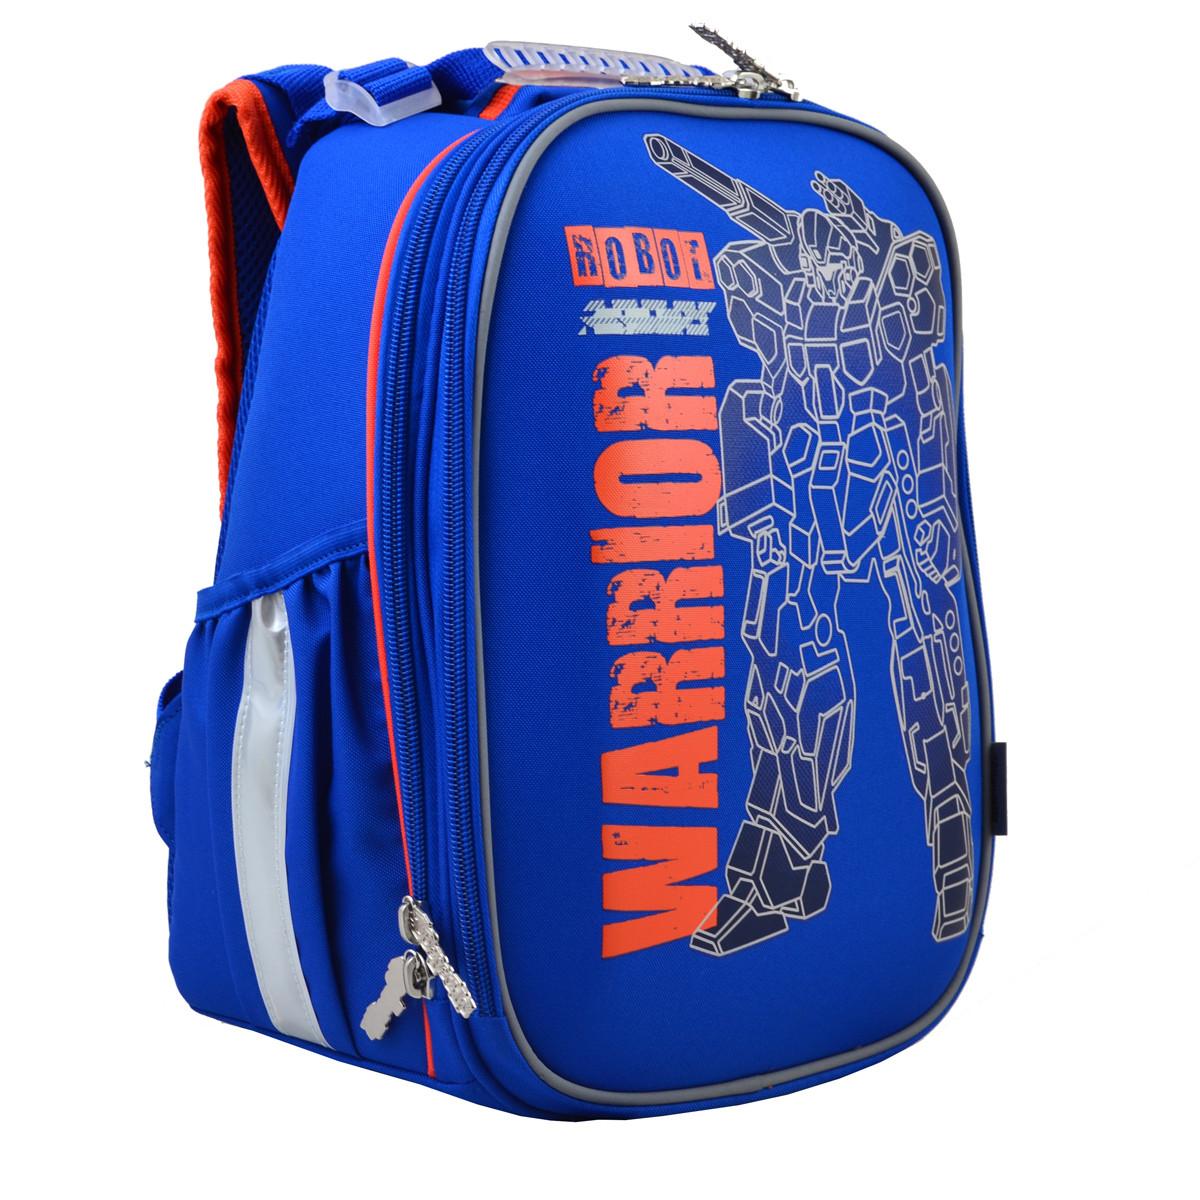 Рюкзак школьный ортопедический каркасный 1 Вересня H-25 Robot, 35*26*16 код: 555788